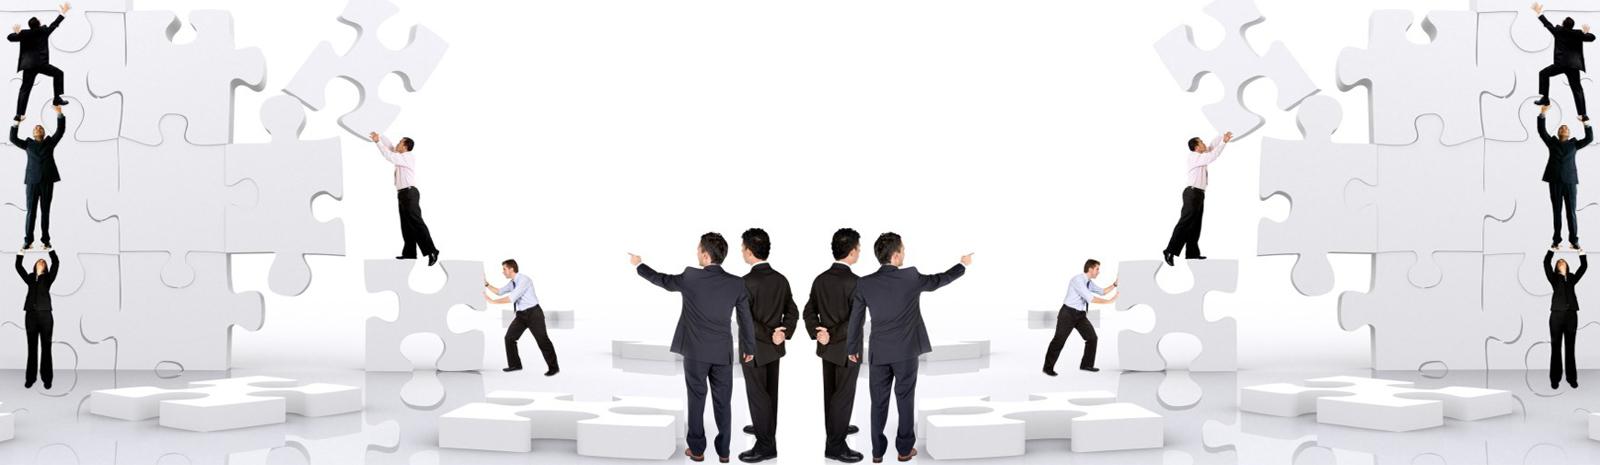 web-design-development-company-sri-lanka-blog-sri-lanka-designers-company